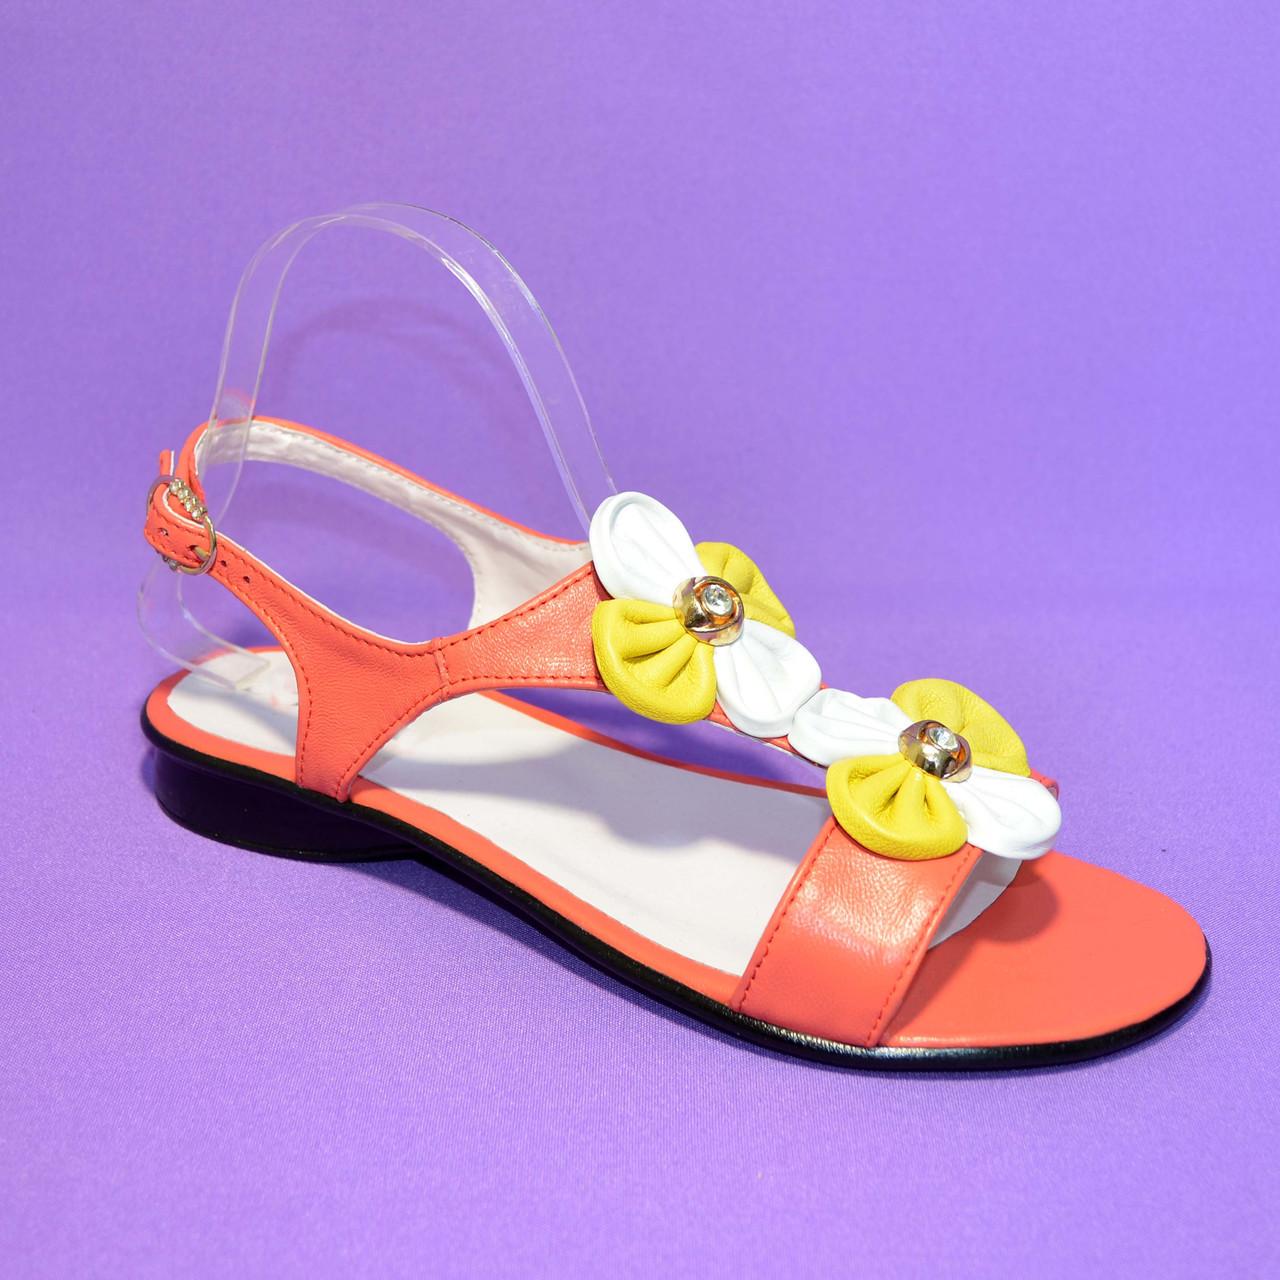 Интернет магазины харькова женская обувь